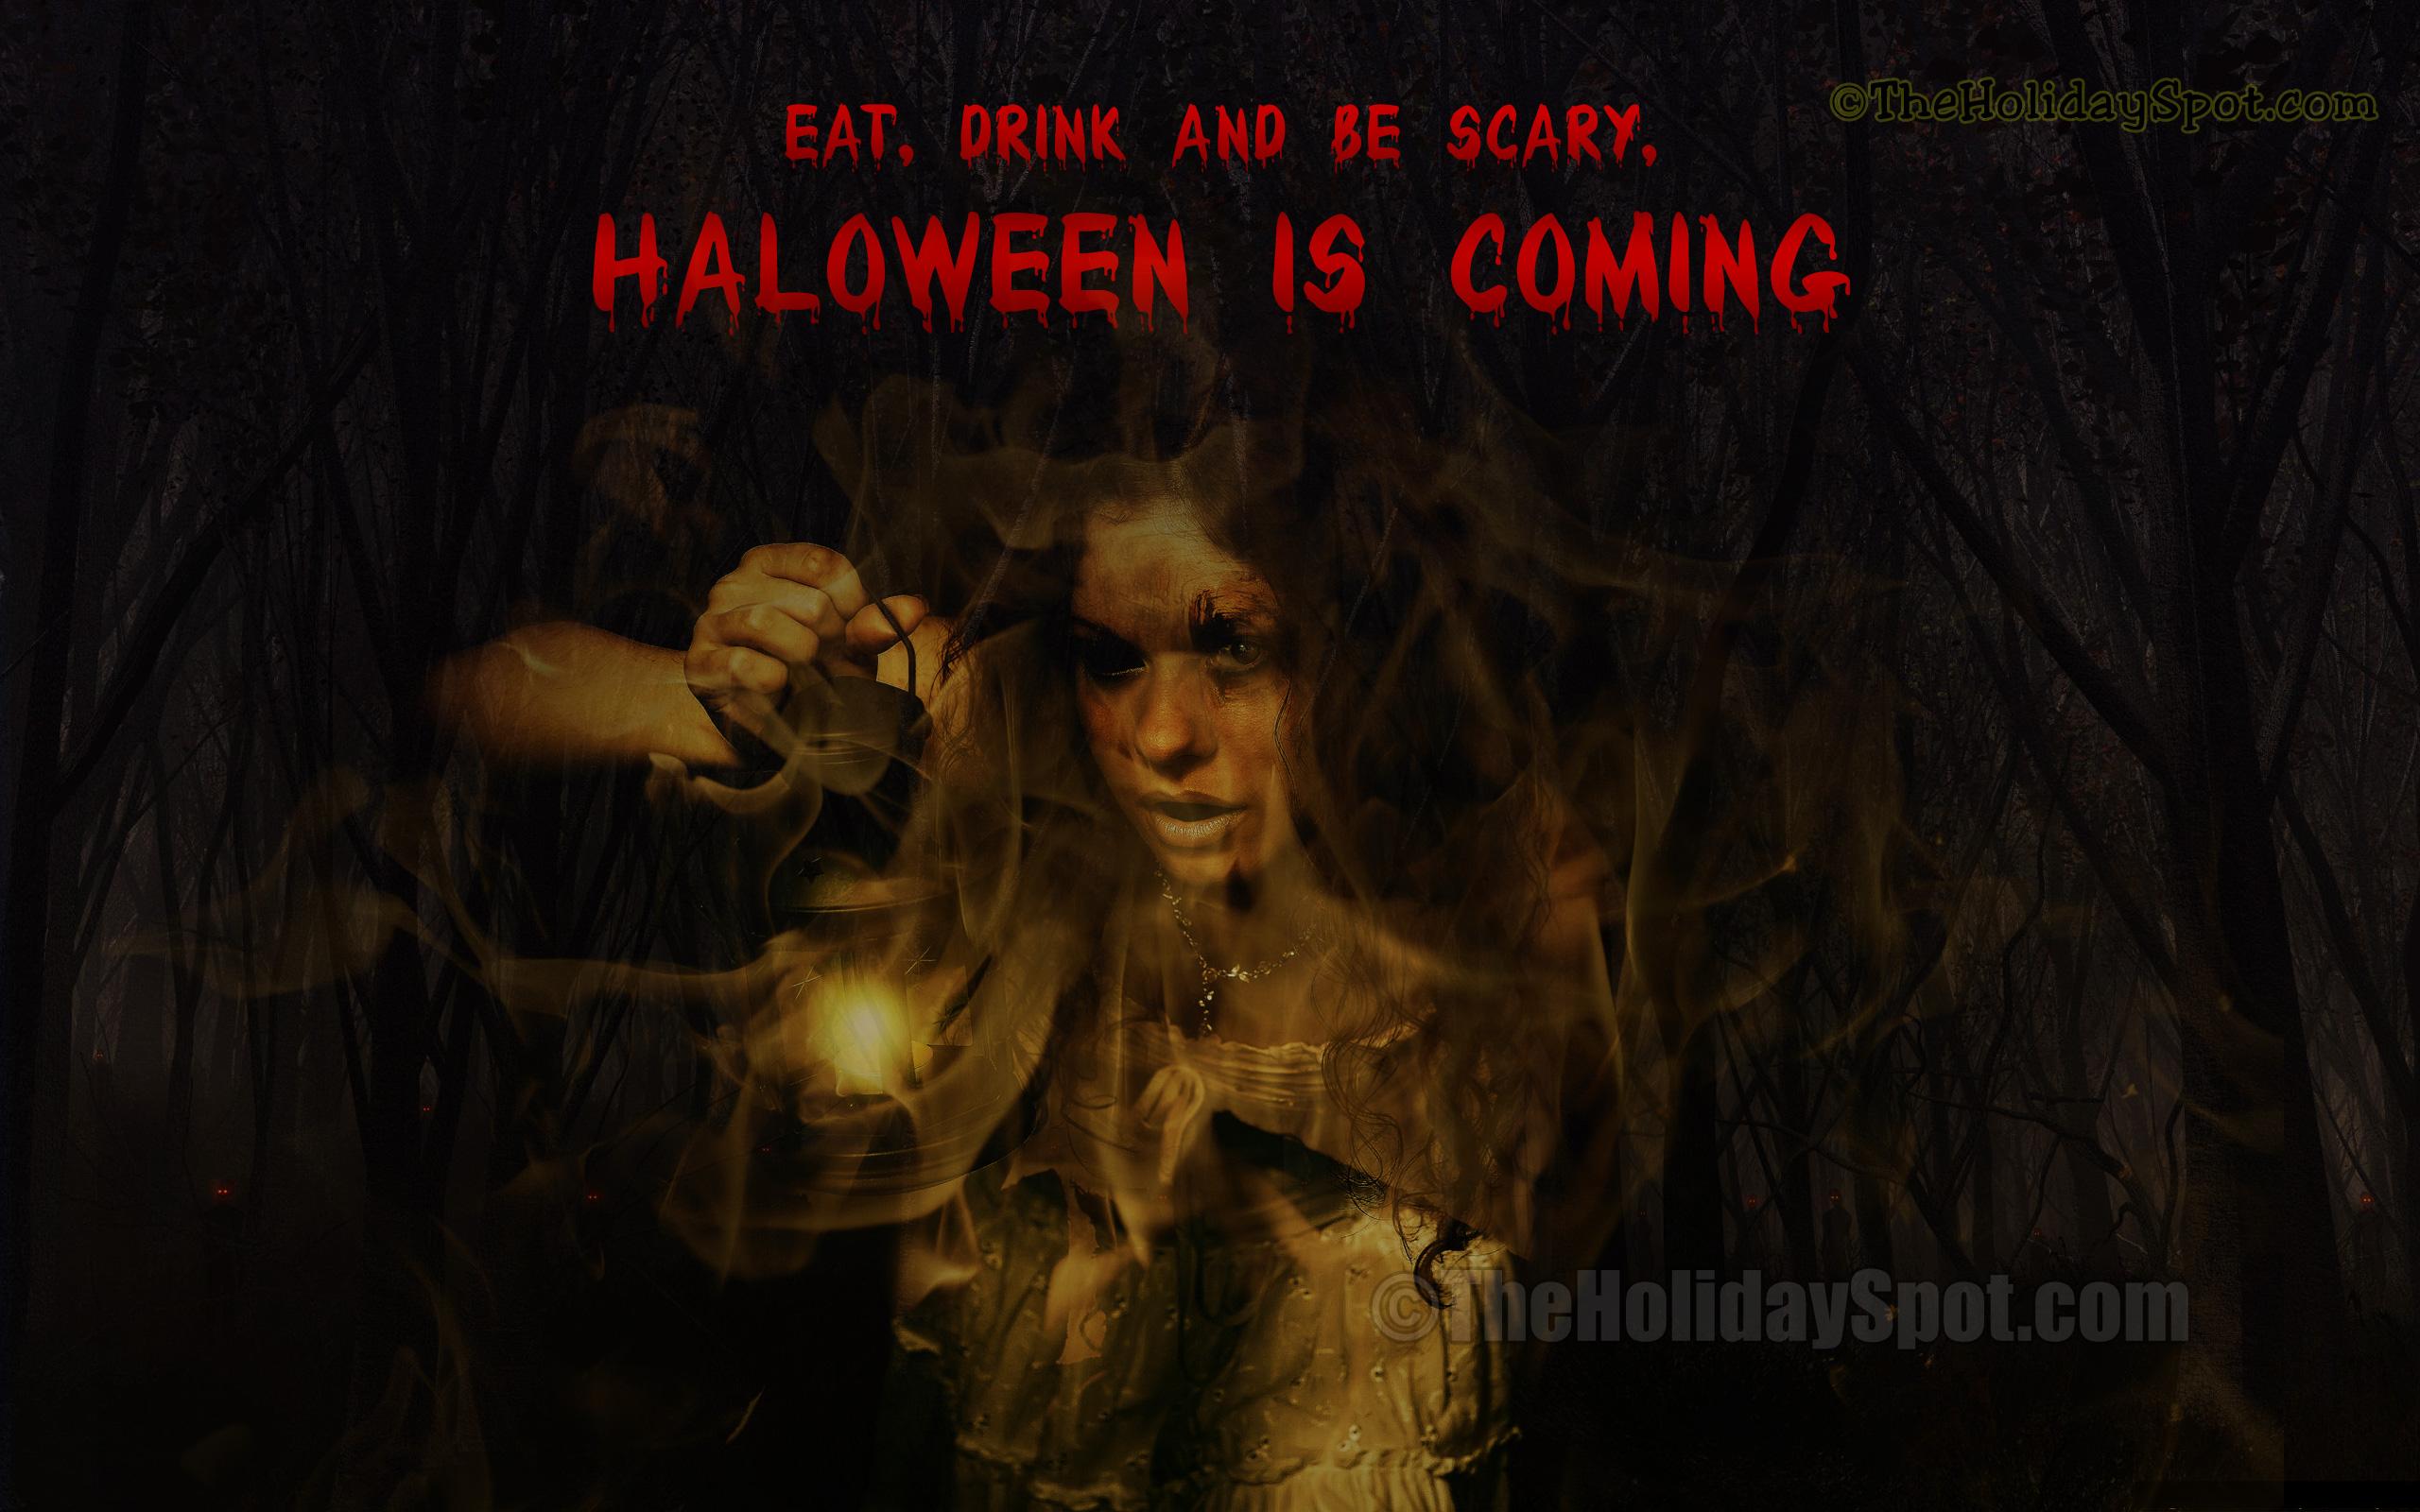 Halloween Wallpaper Hd Download Free Halloween Wallpaper And Backgrounds Best Happy Halloween Images